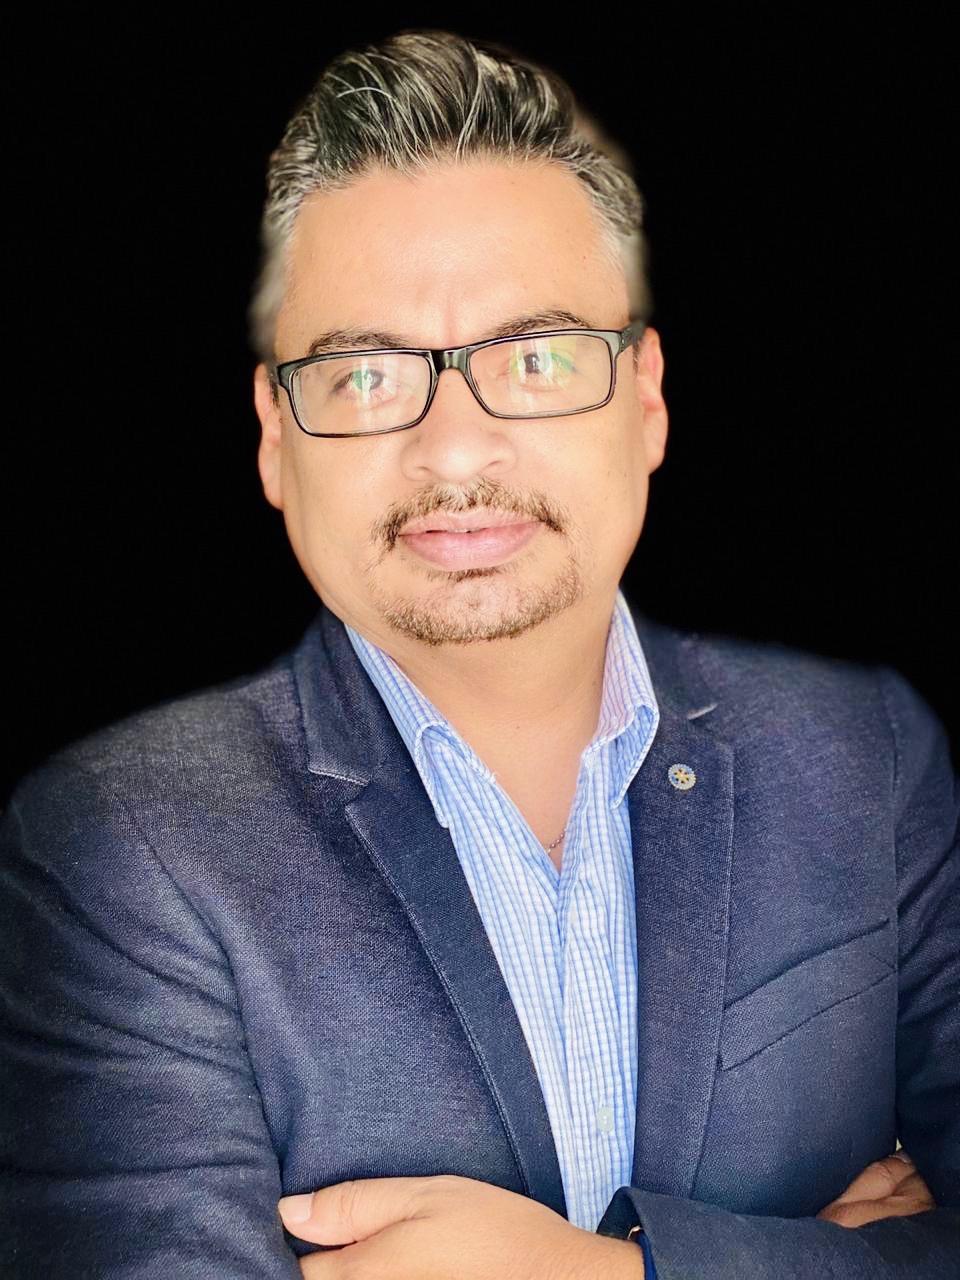 Enrique Javier Covarrubias Mora,Socio Director de la Firma Mora & Vázquez Asociados S. C